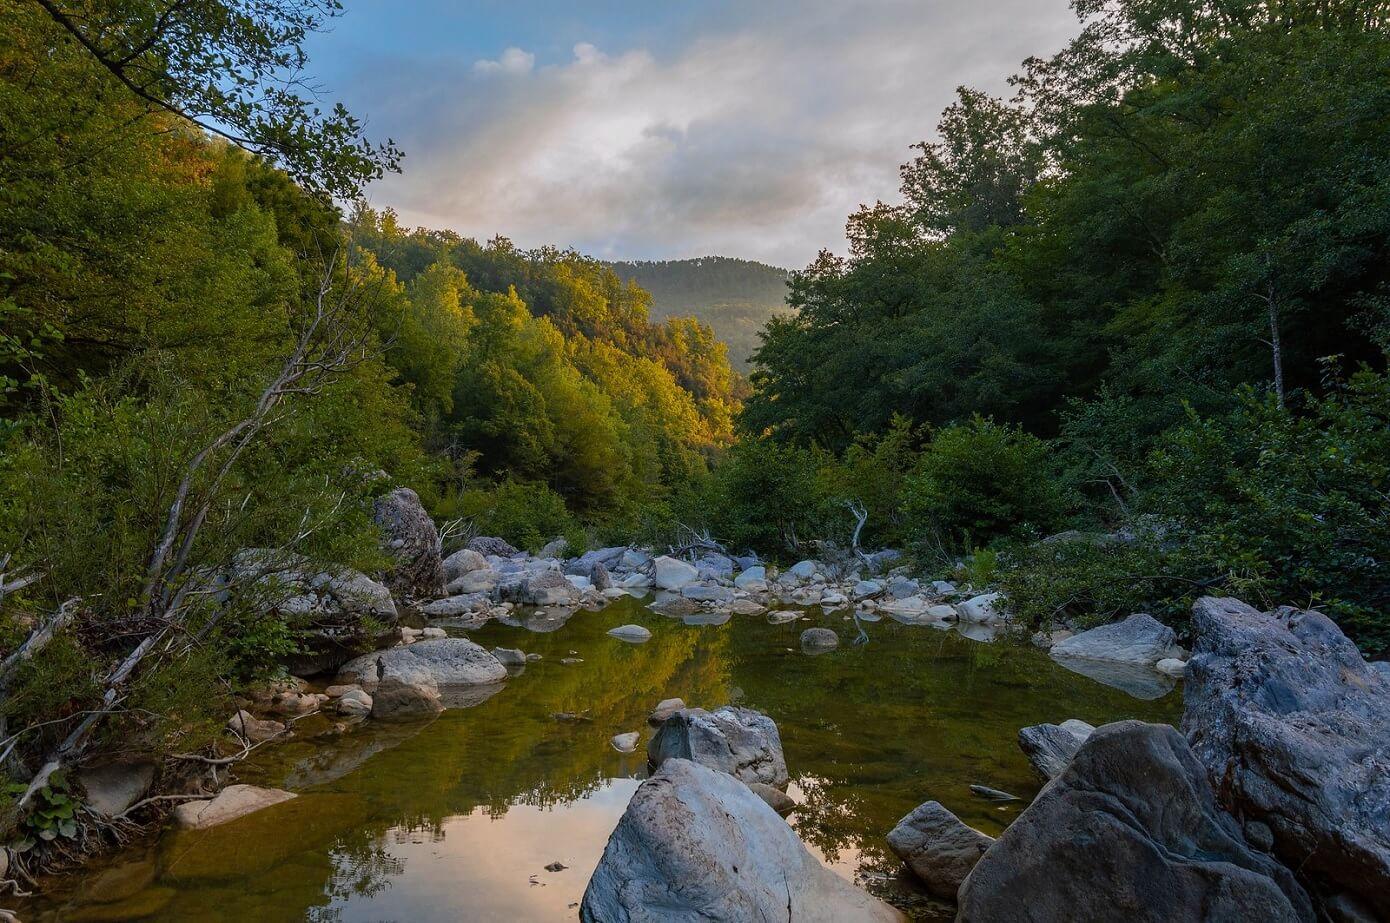 Il torrente Farma al tramonto, nei pressi della ferriera di Ruota